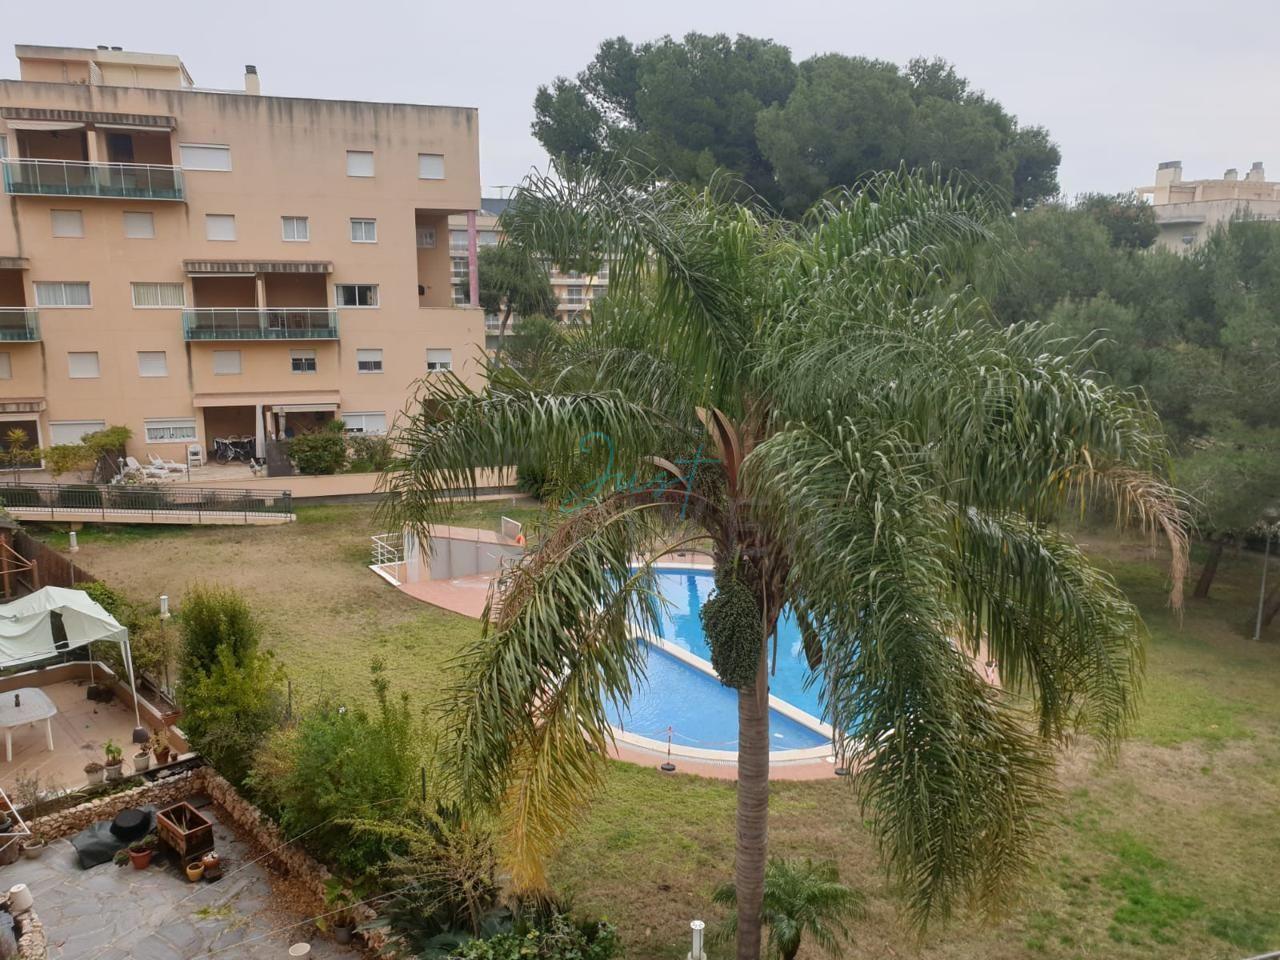 pisos en salou · carrer-del-cami-del-raco-6-43840 148000€